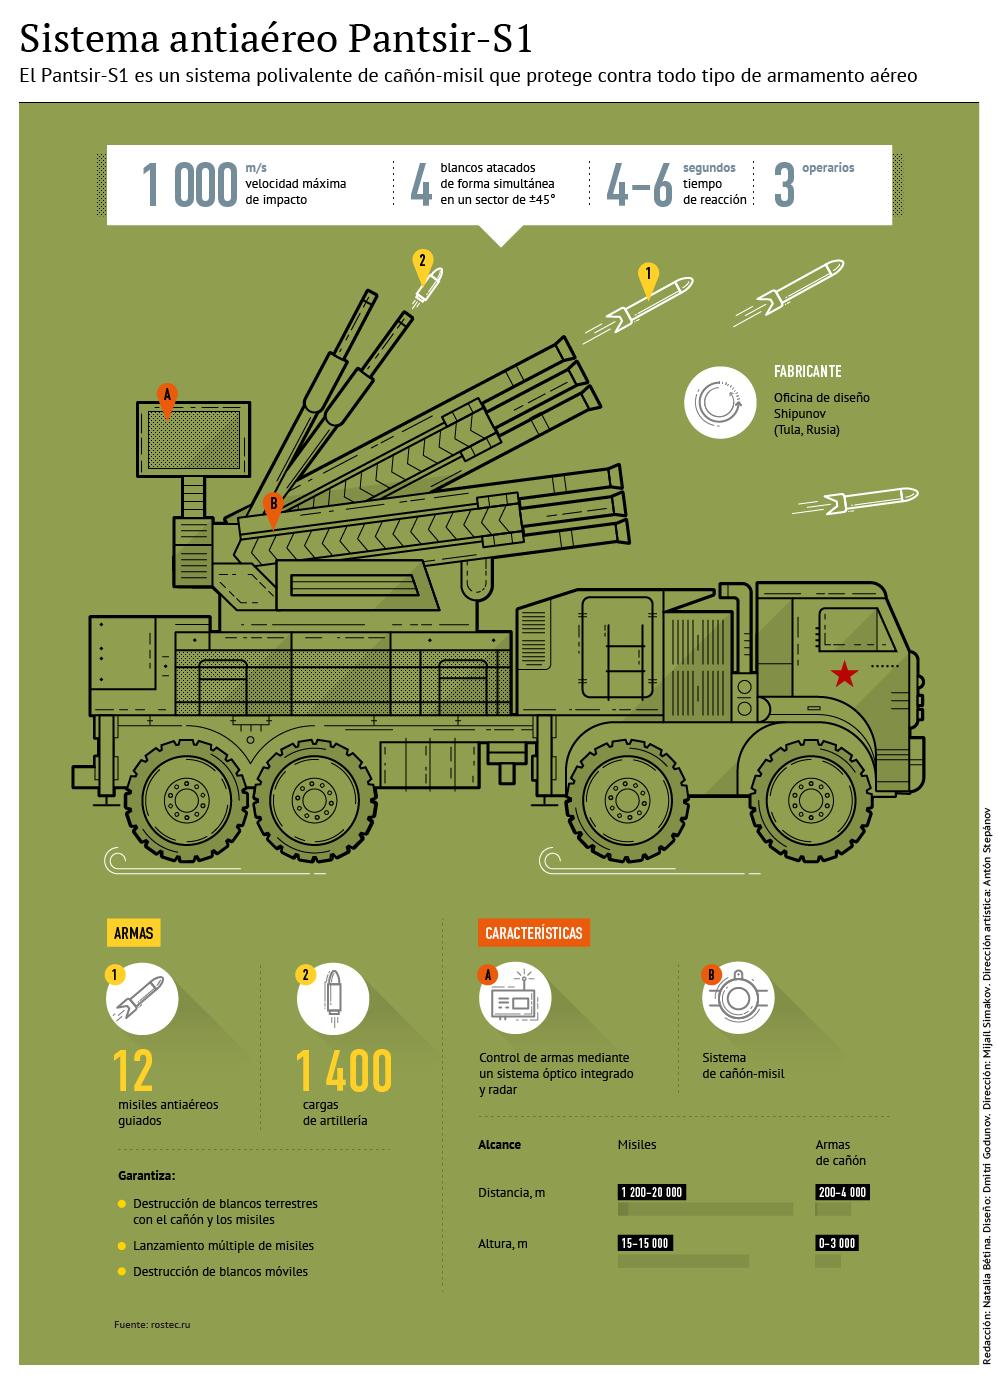 Sistema antiaéreo Pantsir-S1